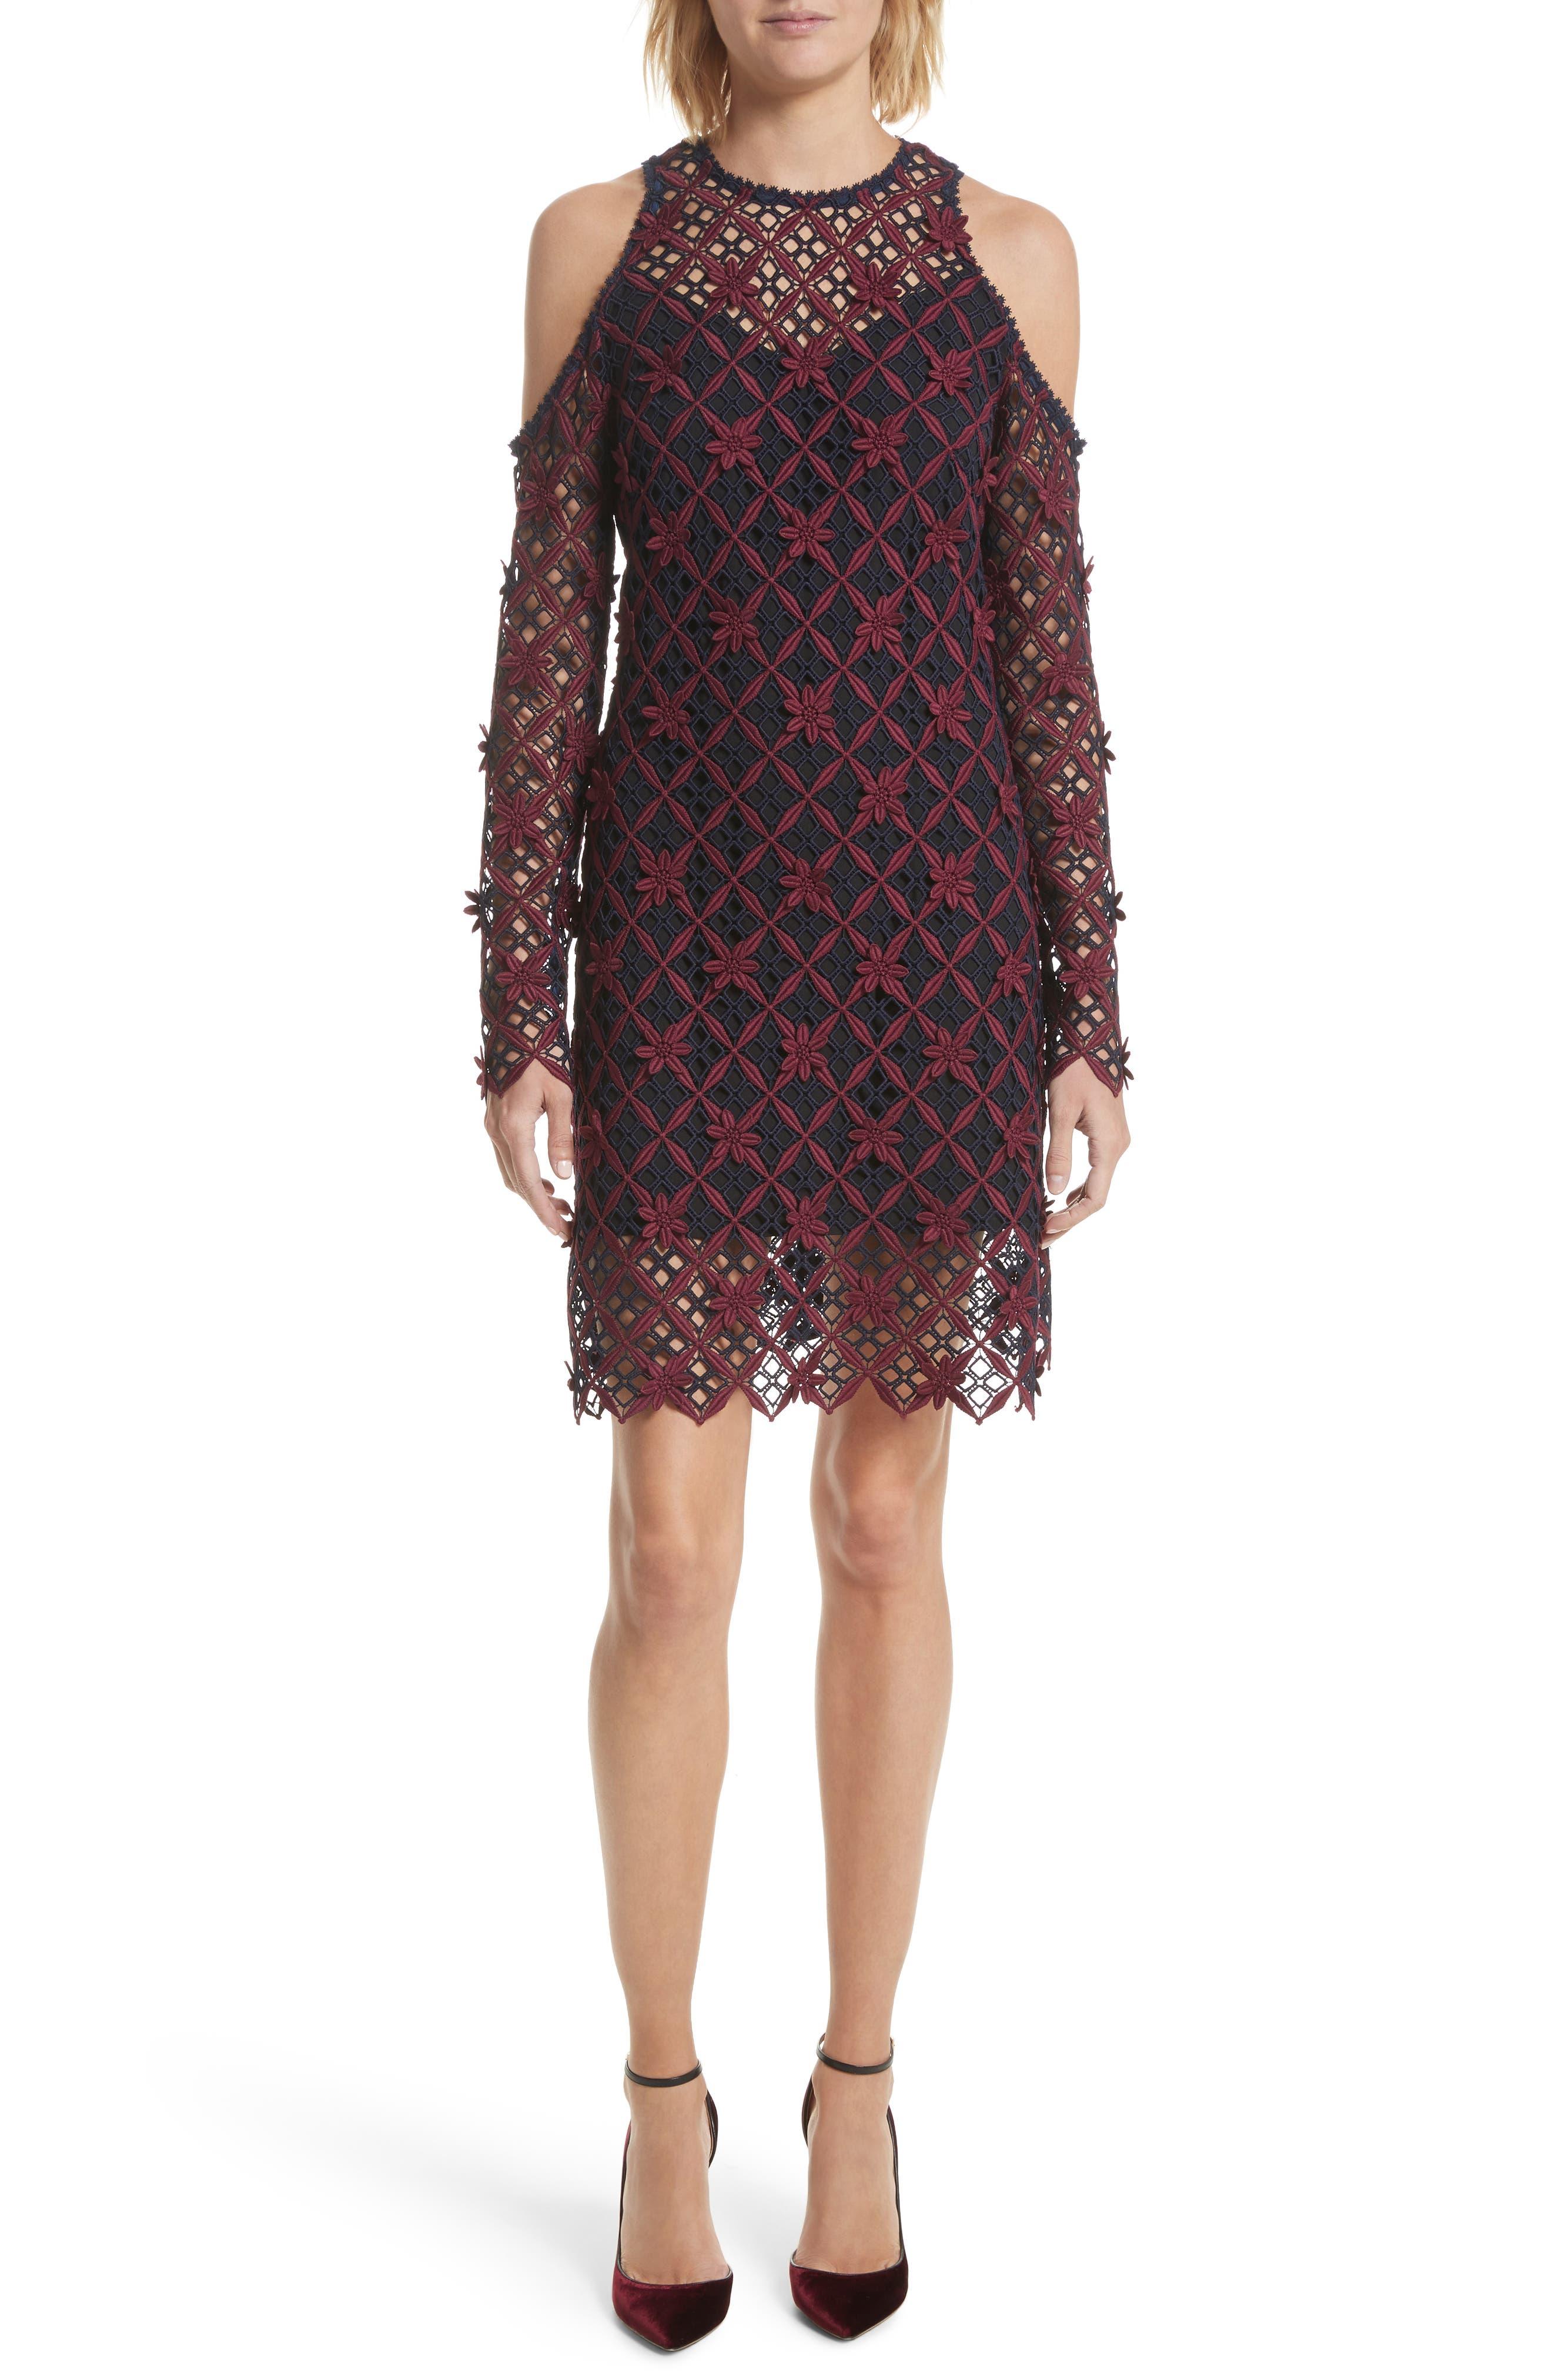 Alternate Image 1 Selected - Self-Portrait Floral Grid Cold Shoulder Dress